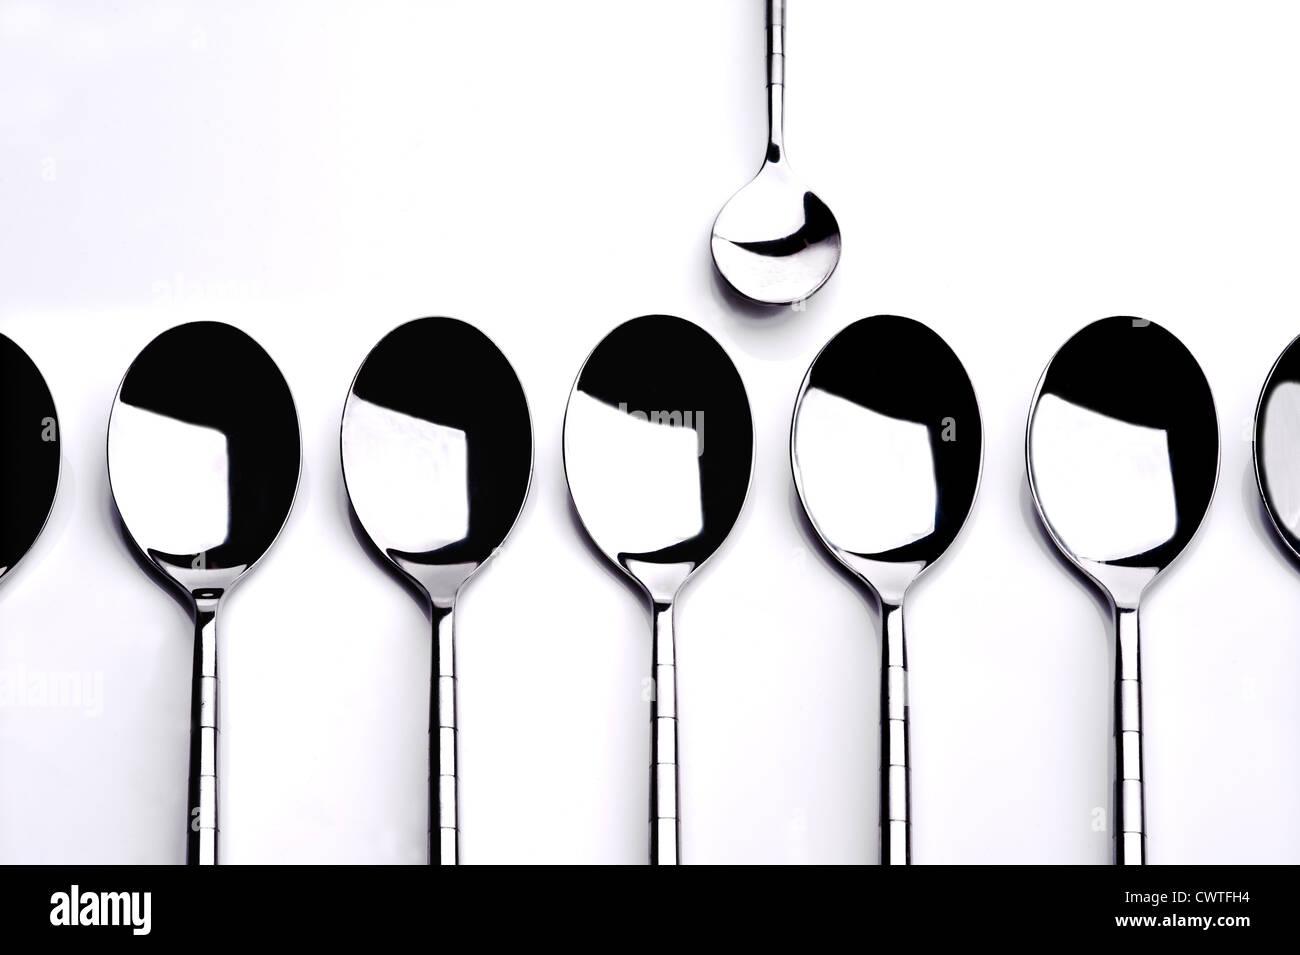 Gruppe von Dessertlöffel mit einem Teelöffel allein stehend. Stockbild